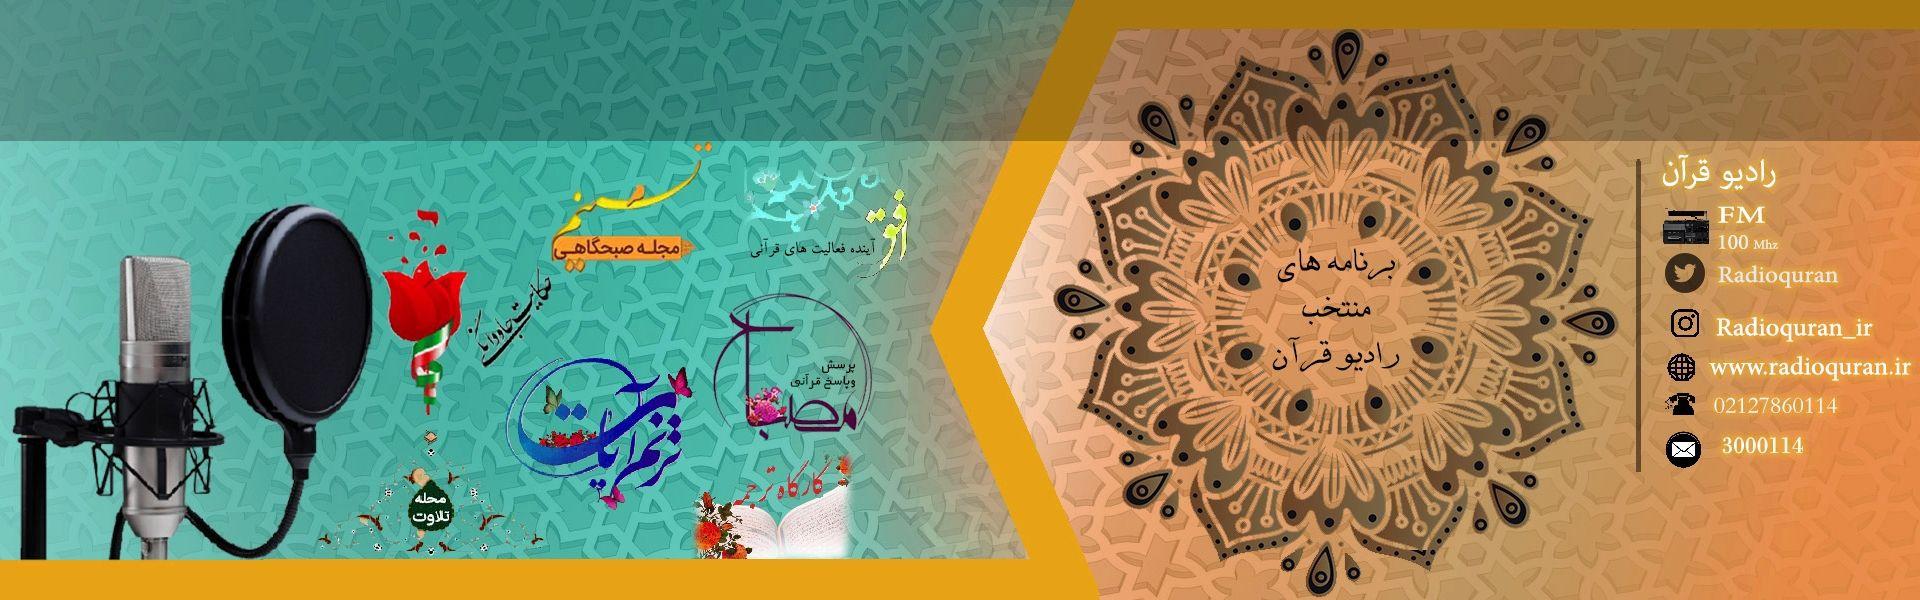 برنامه های منتخب رادیو قرآن